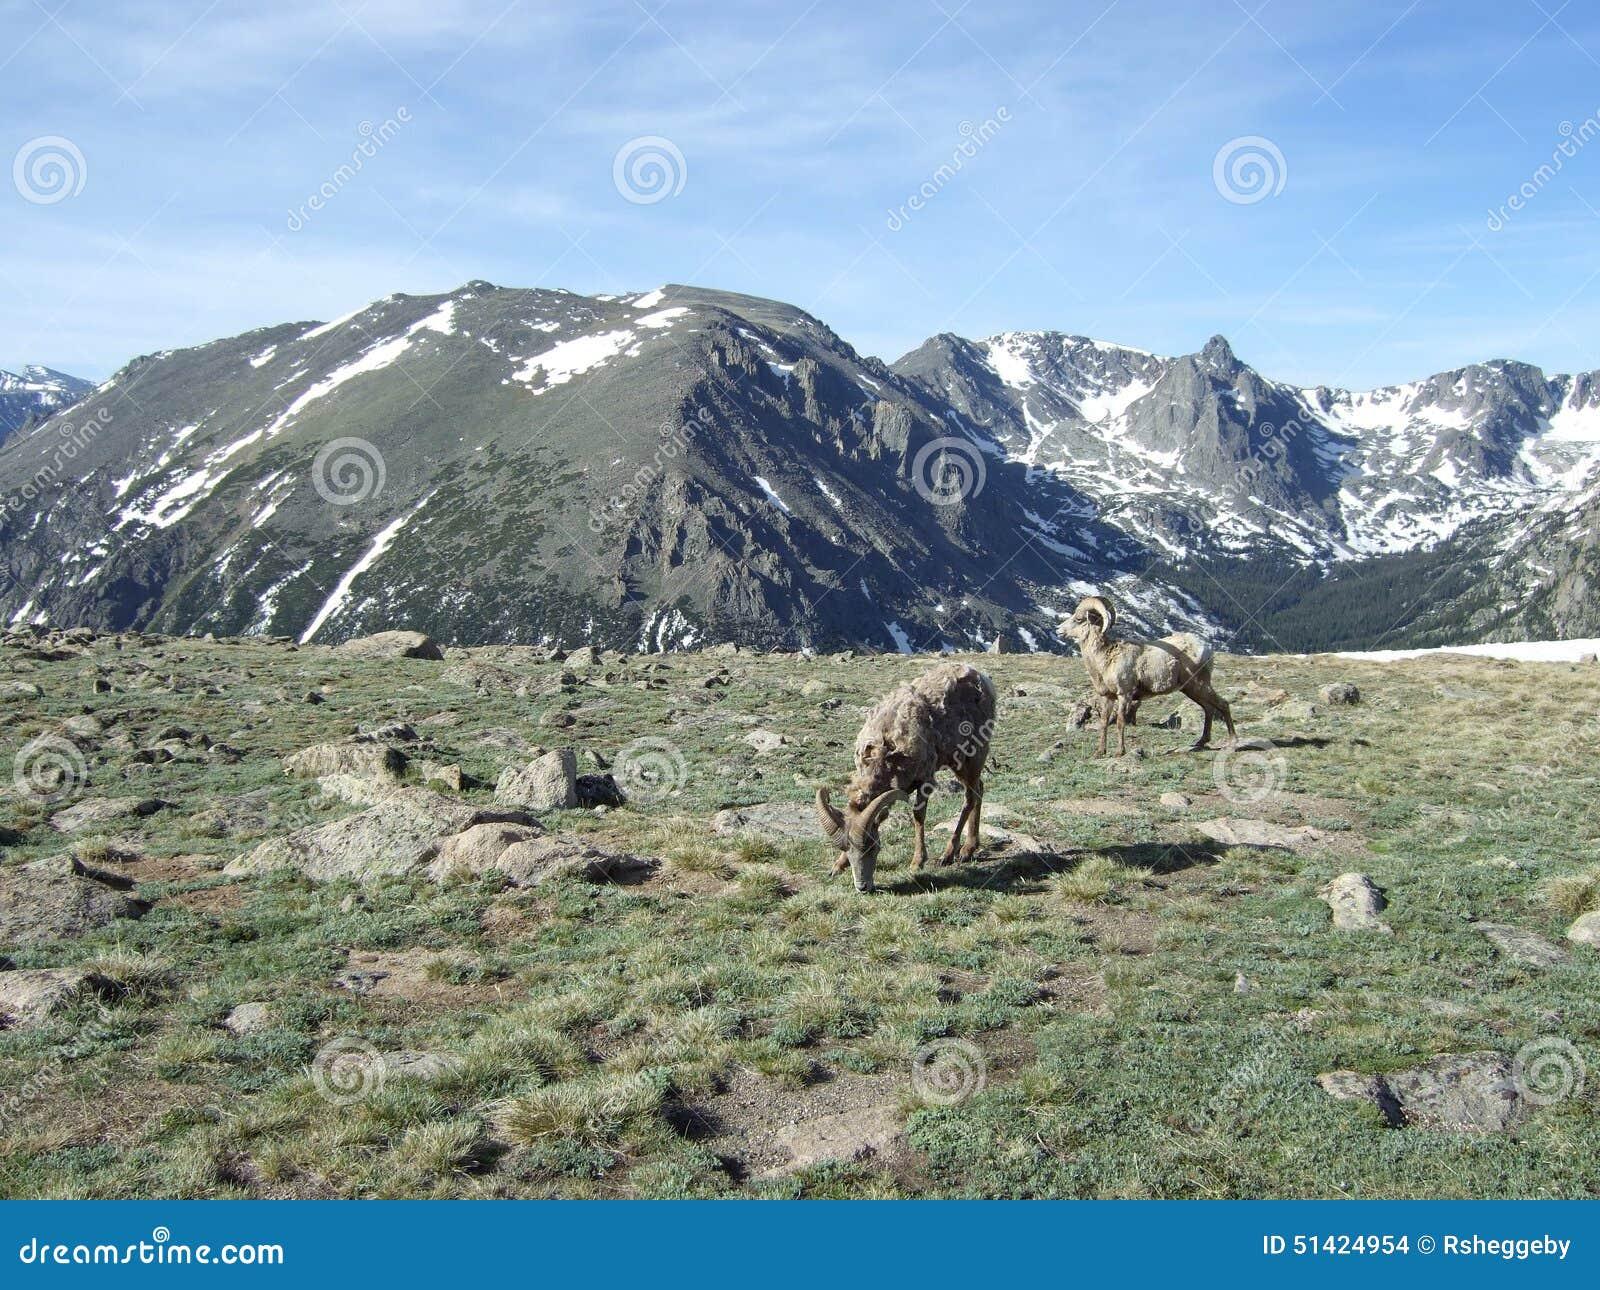 Snow mountain animals - photo#18